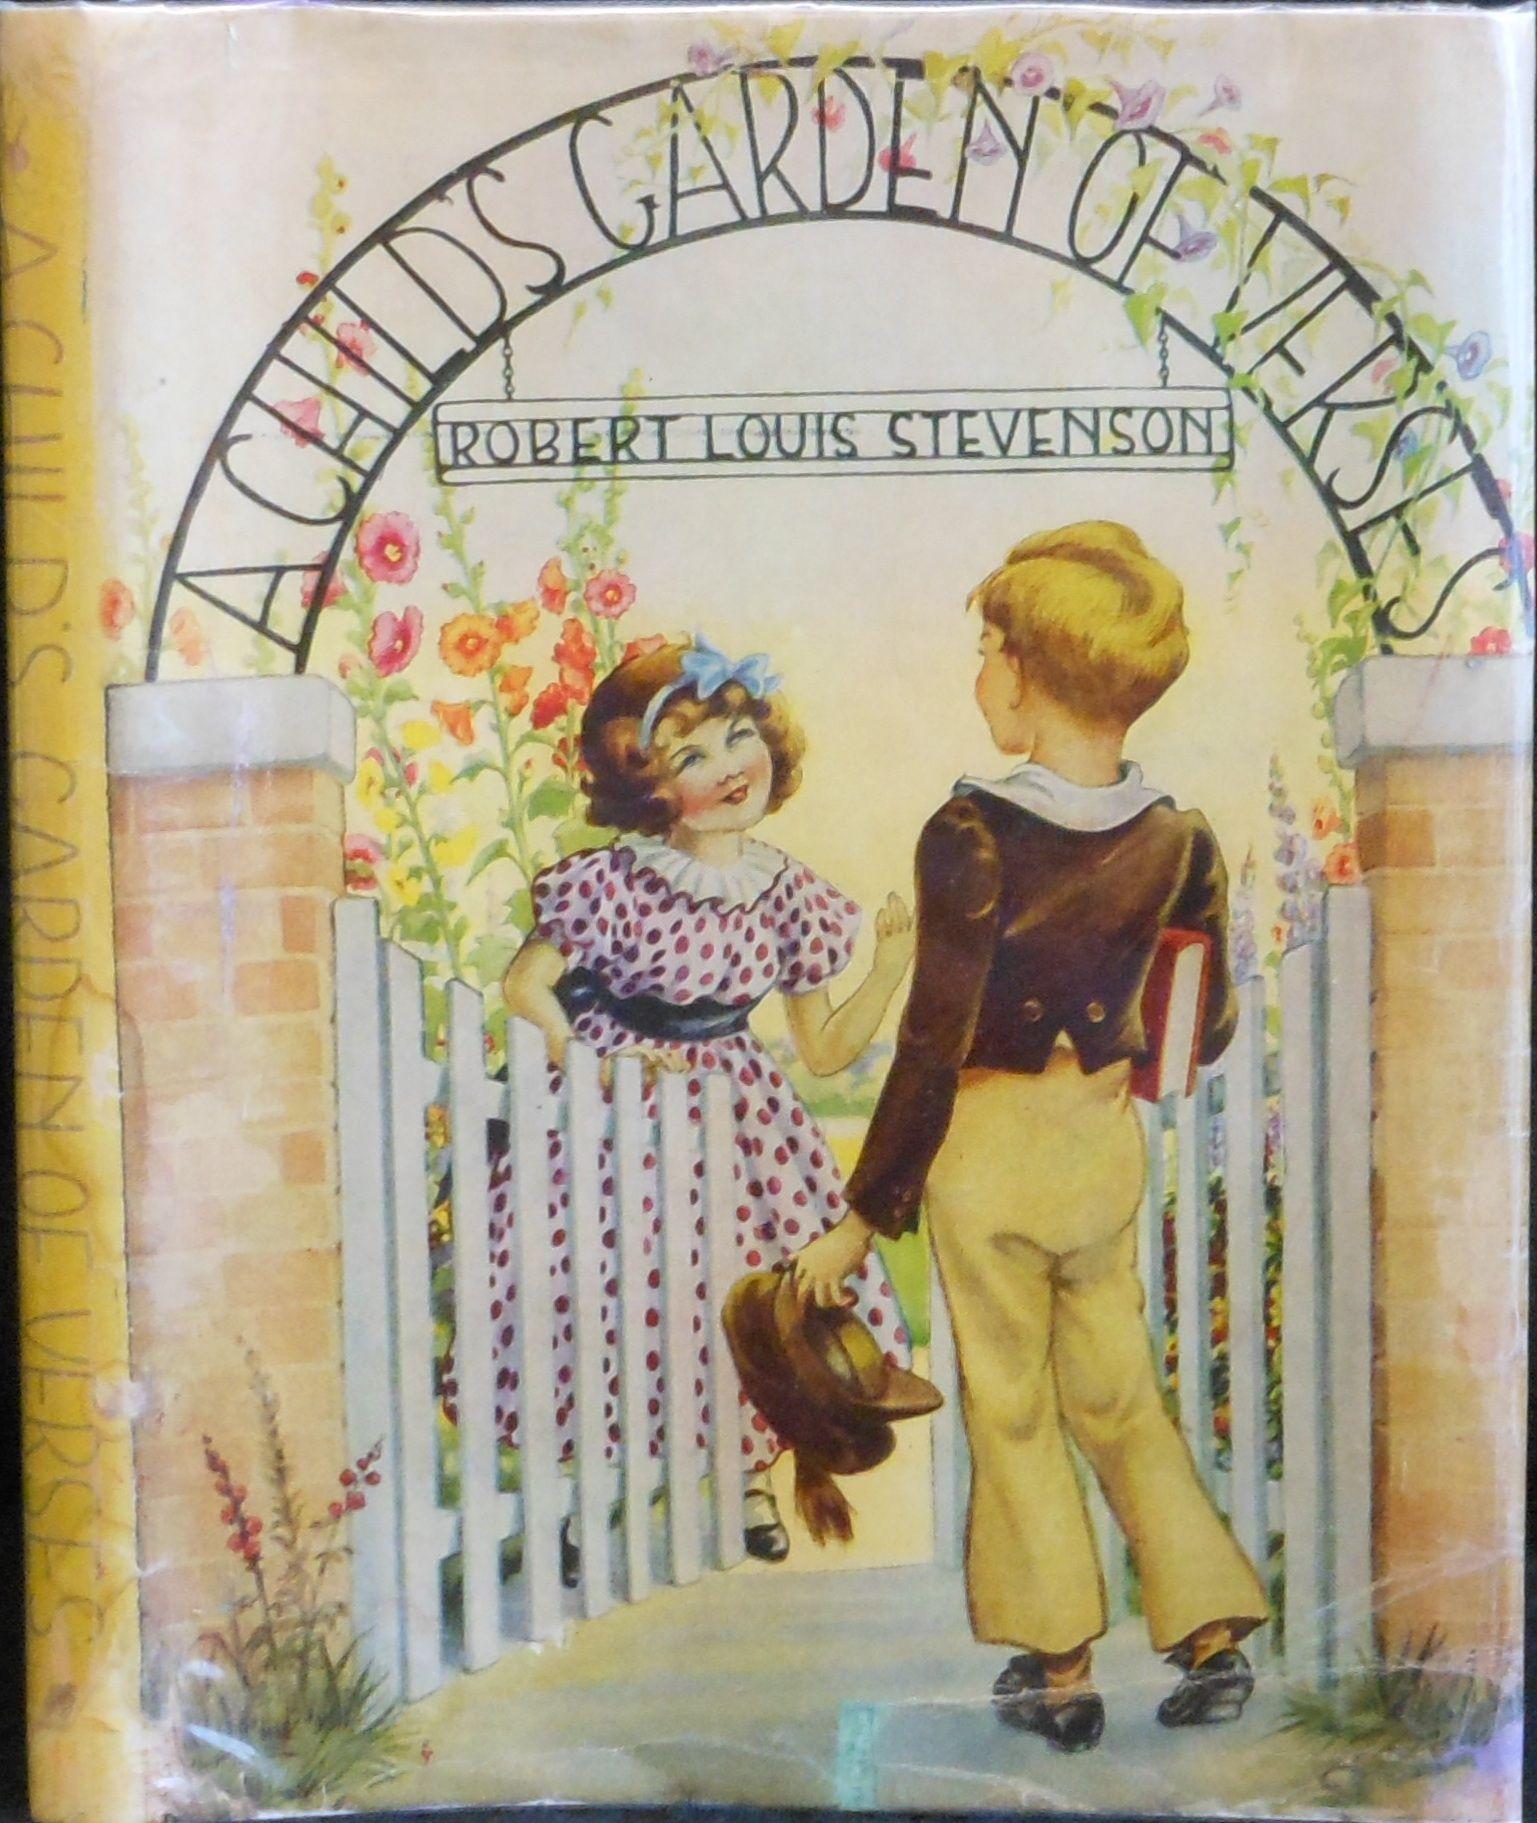 A Child's Garden of Verse